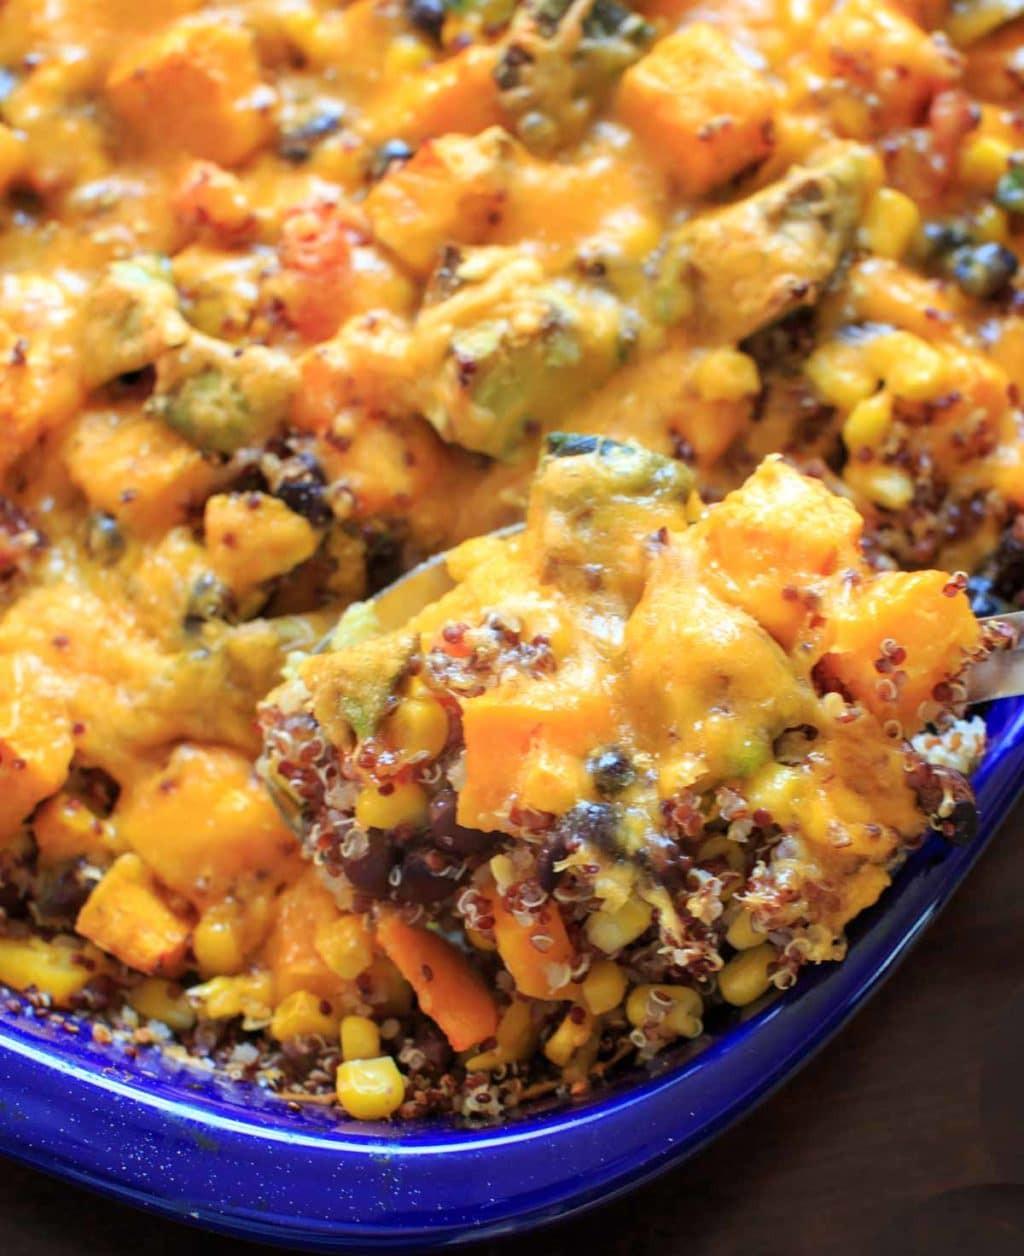 Vegan Butternut Squash Recipes  Butternut Squash Quinoa Casserole vegan friendly gluten